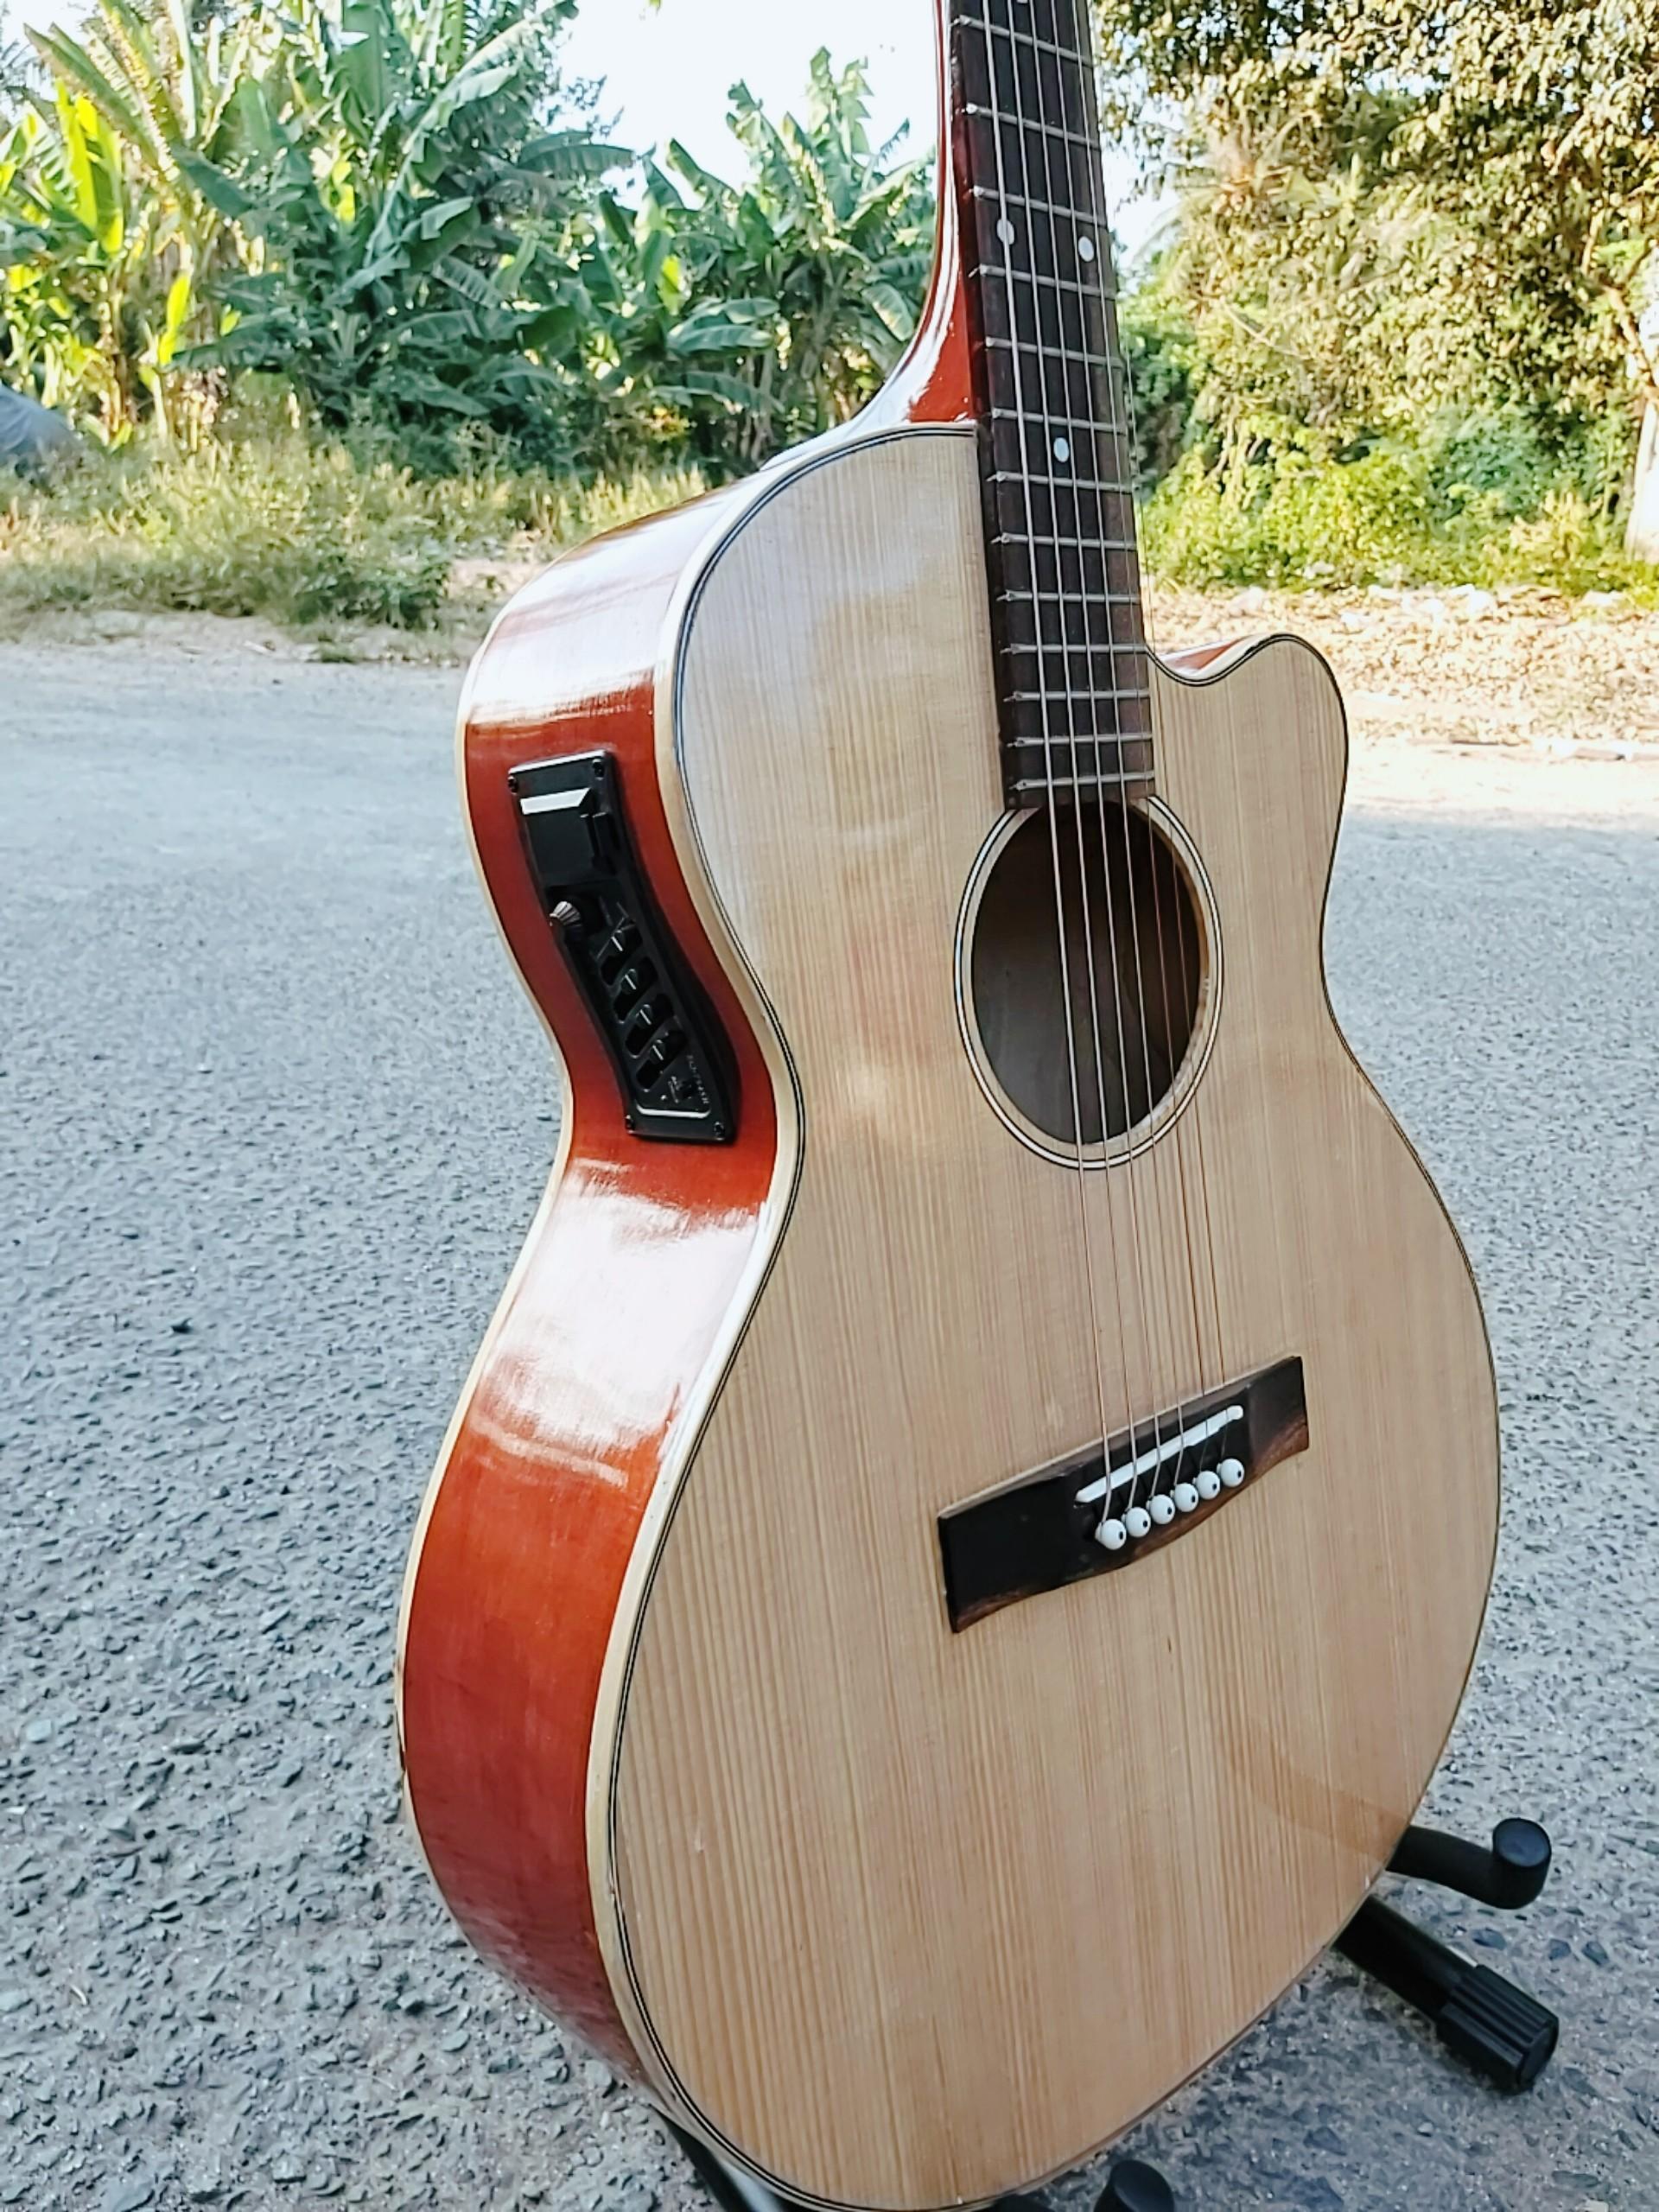 Đán guitar Acoustic gỗ gắn eq 7545 - đàn có ty KBD - Đàn có ty chống cong chơi được lâu dài